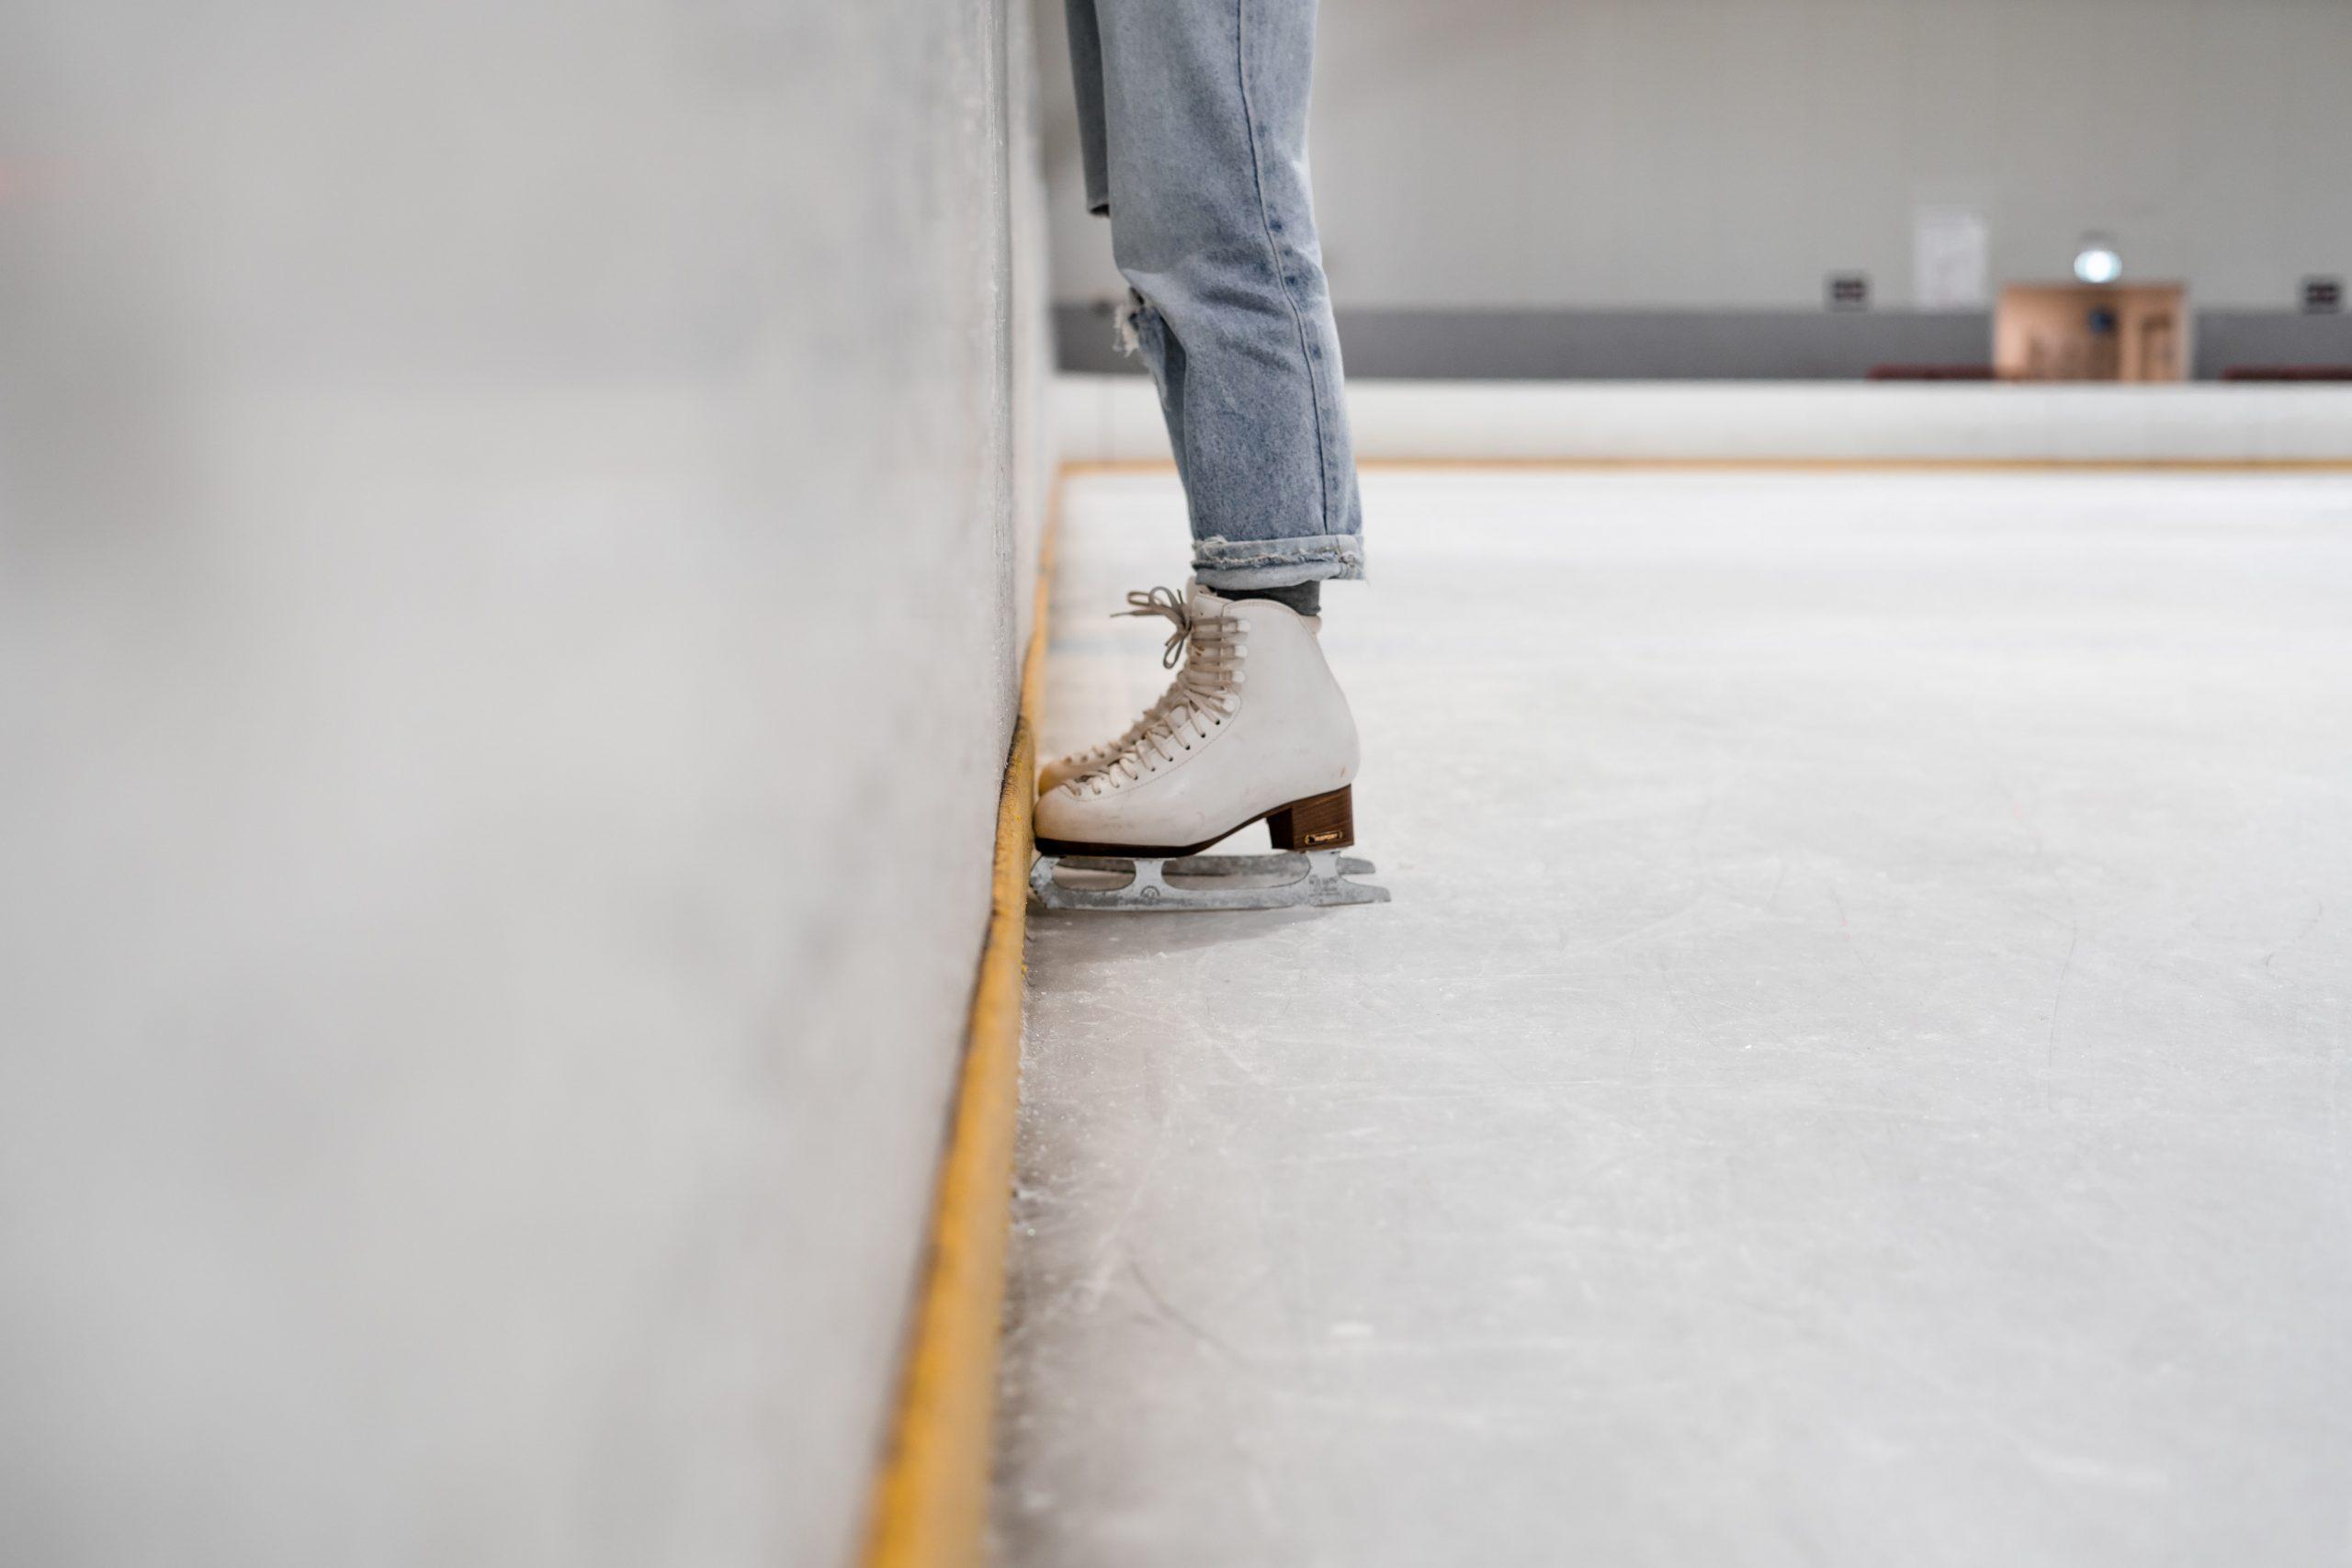 Eine Person steht mit Schlittschuhen auf einer Eisbahn. Es sind nur die Beine und die Schuhe der Person zu erkennen.